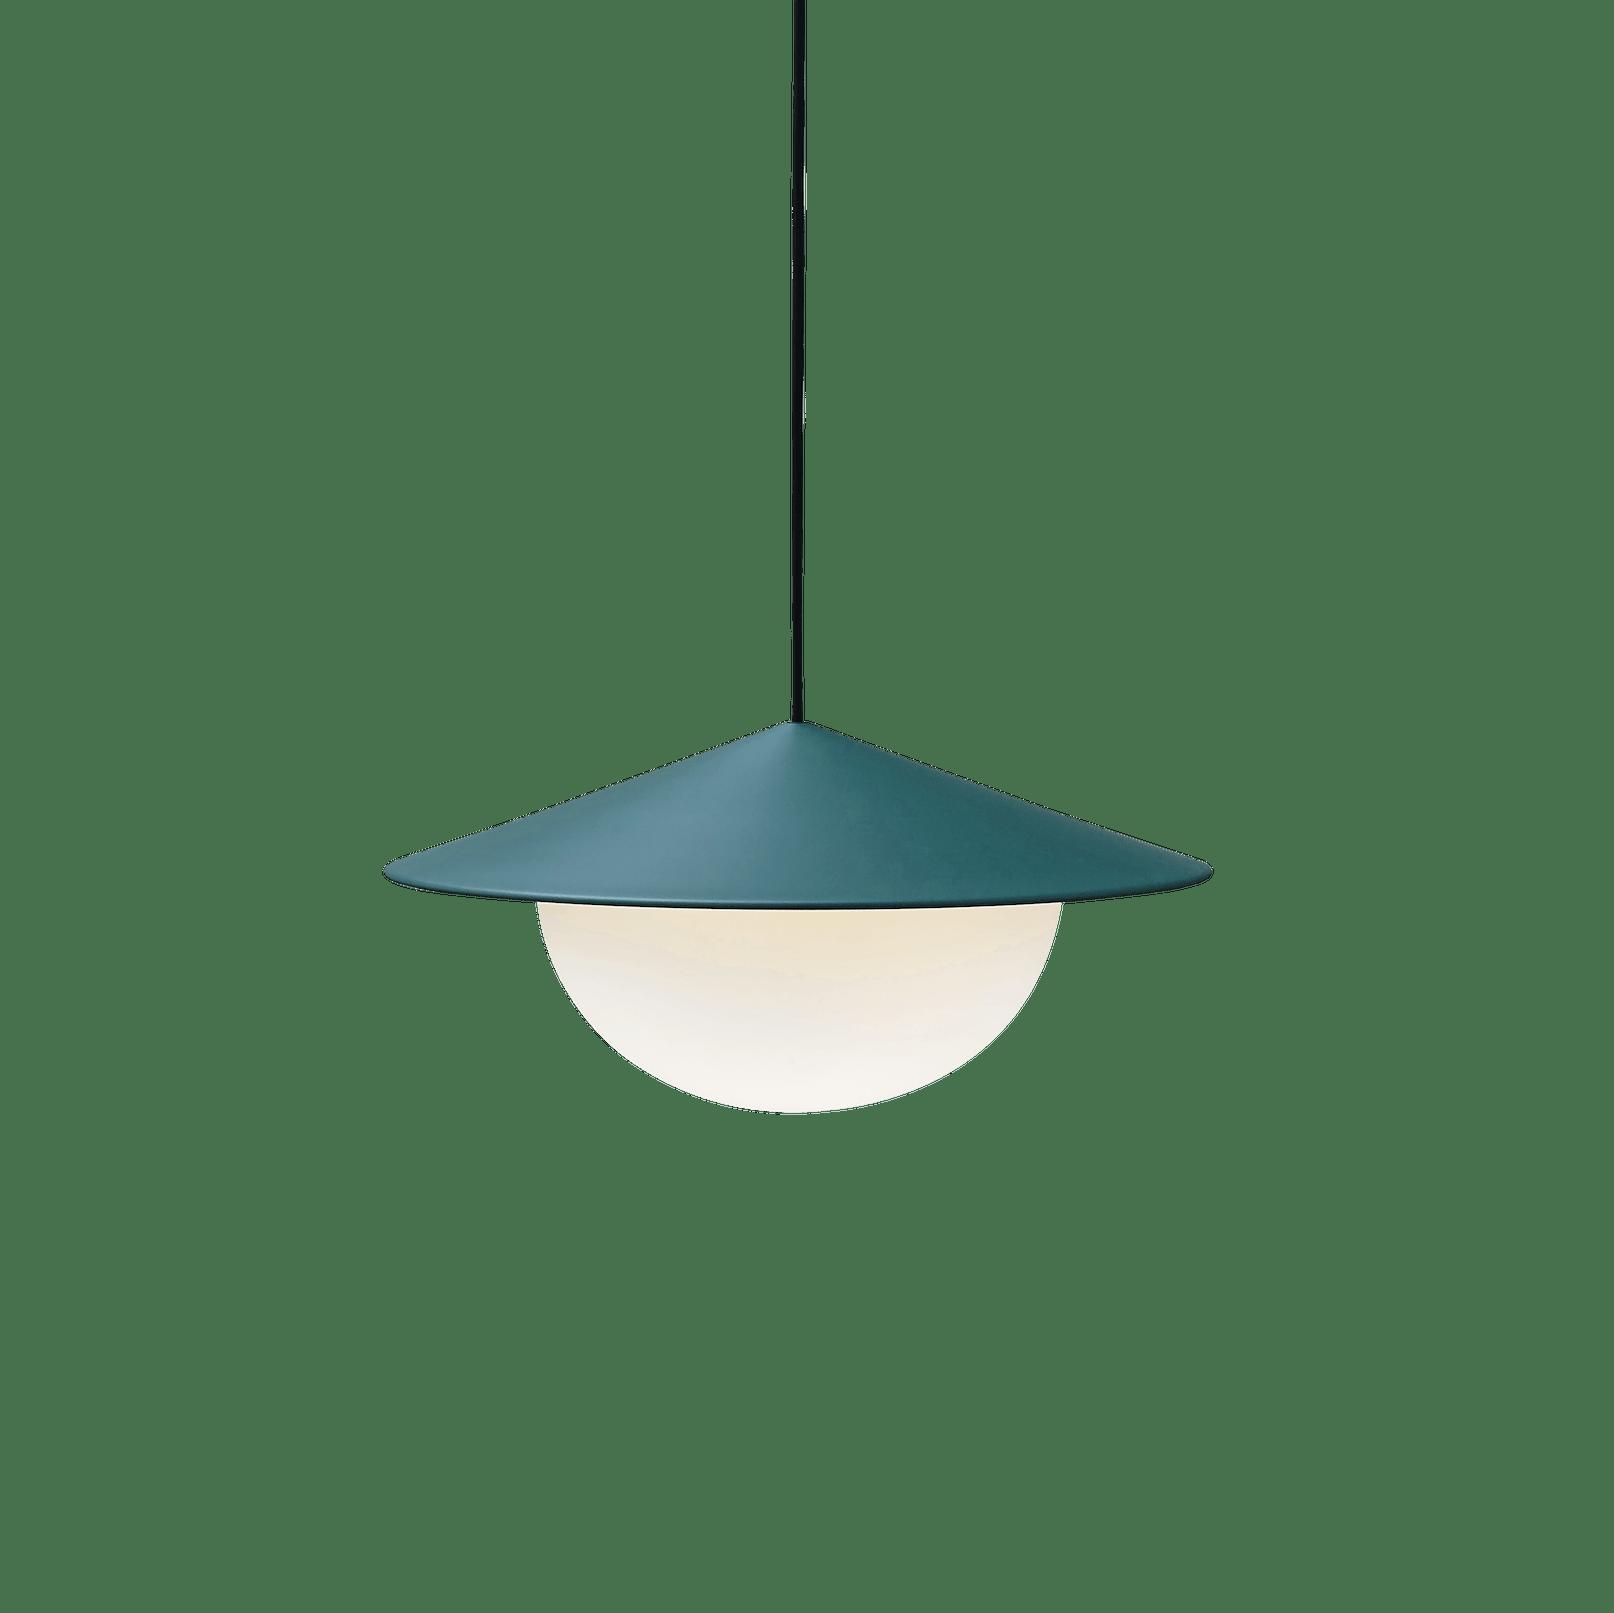 Ago lighting pendant green haute living